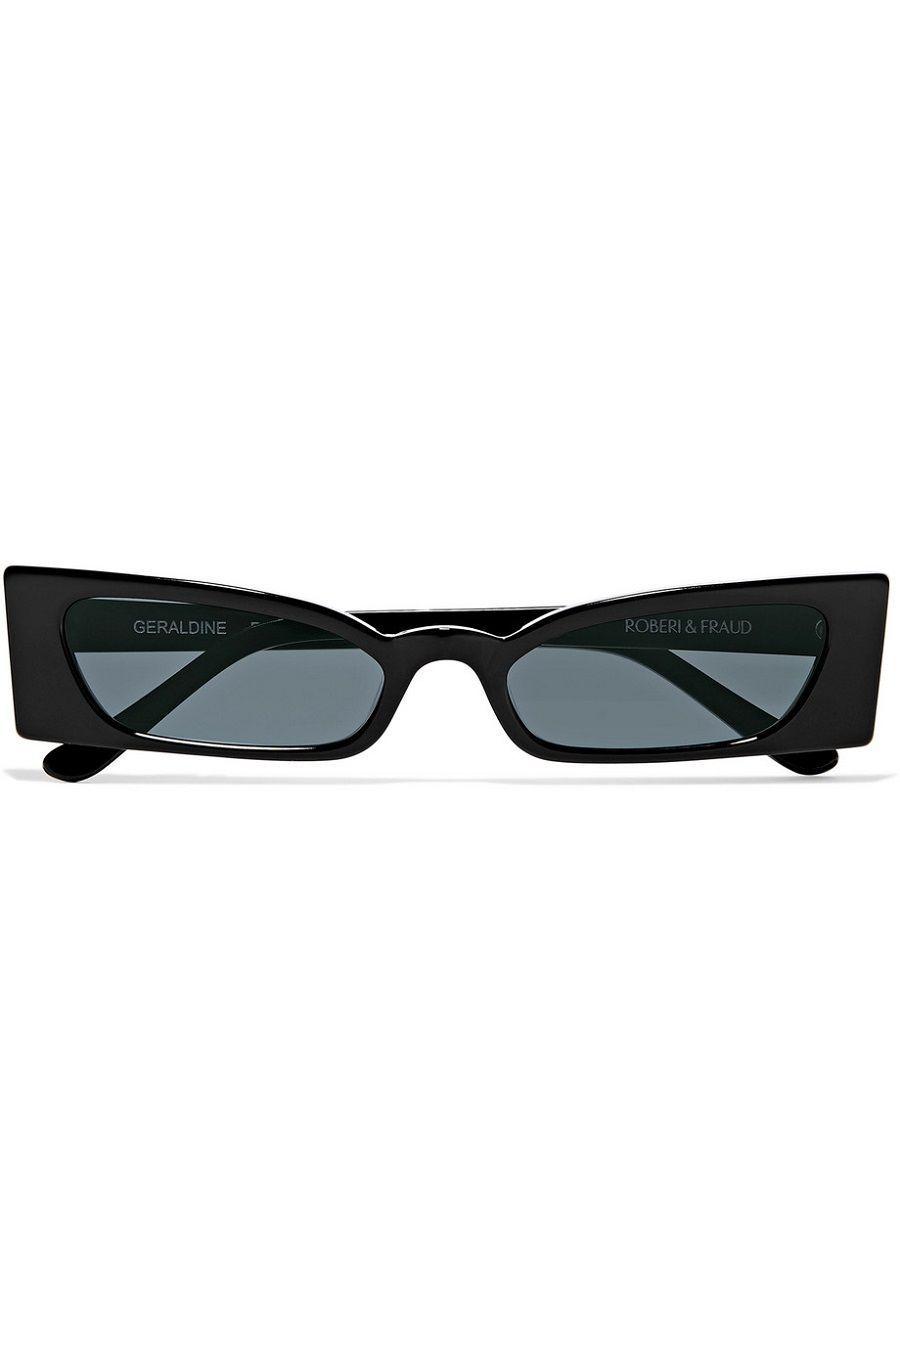 6 Sunglasses Buat Total Look Kamu Jadi Fierce Maksimal